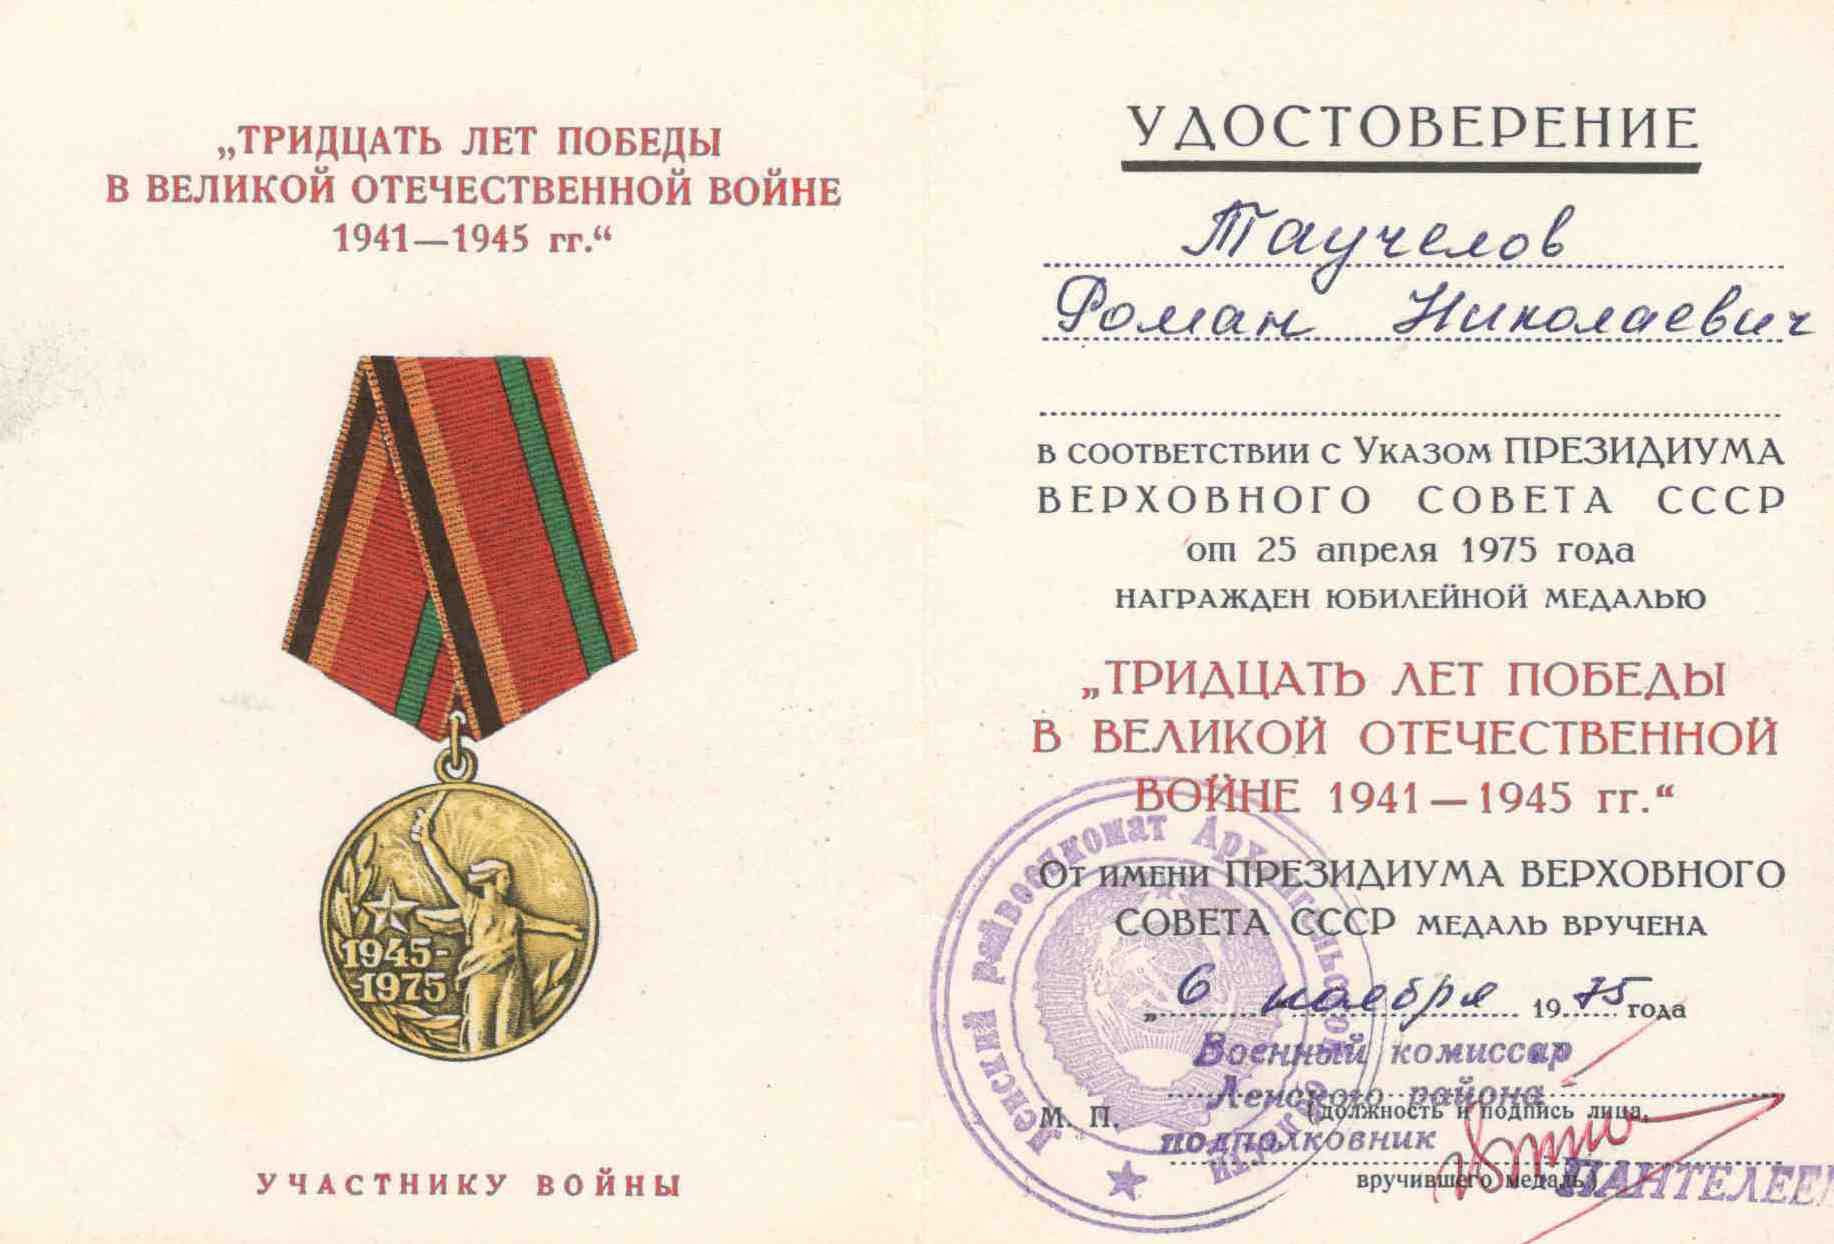 10. Тридцать лет победы в ВОВ, Таучелов Р.Н., 1975